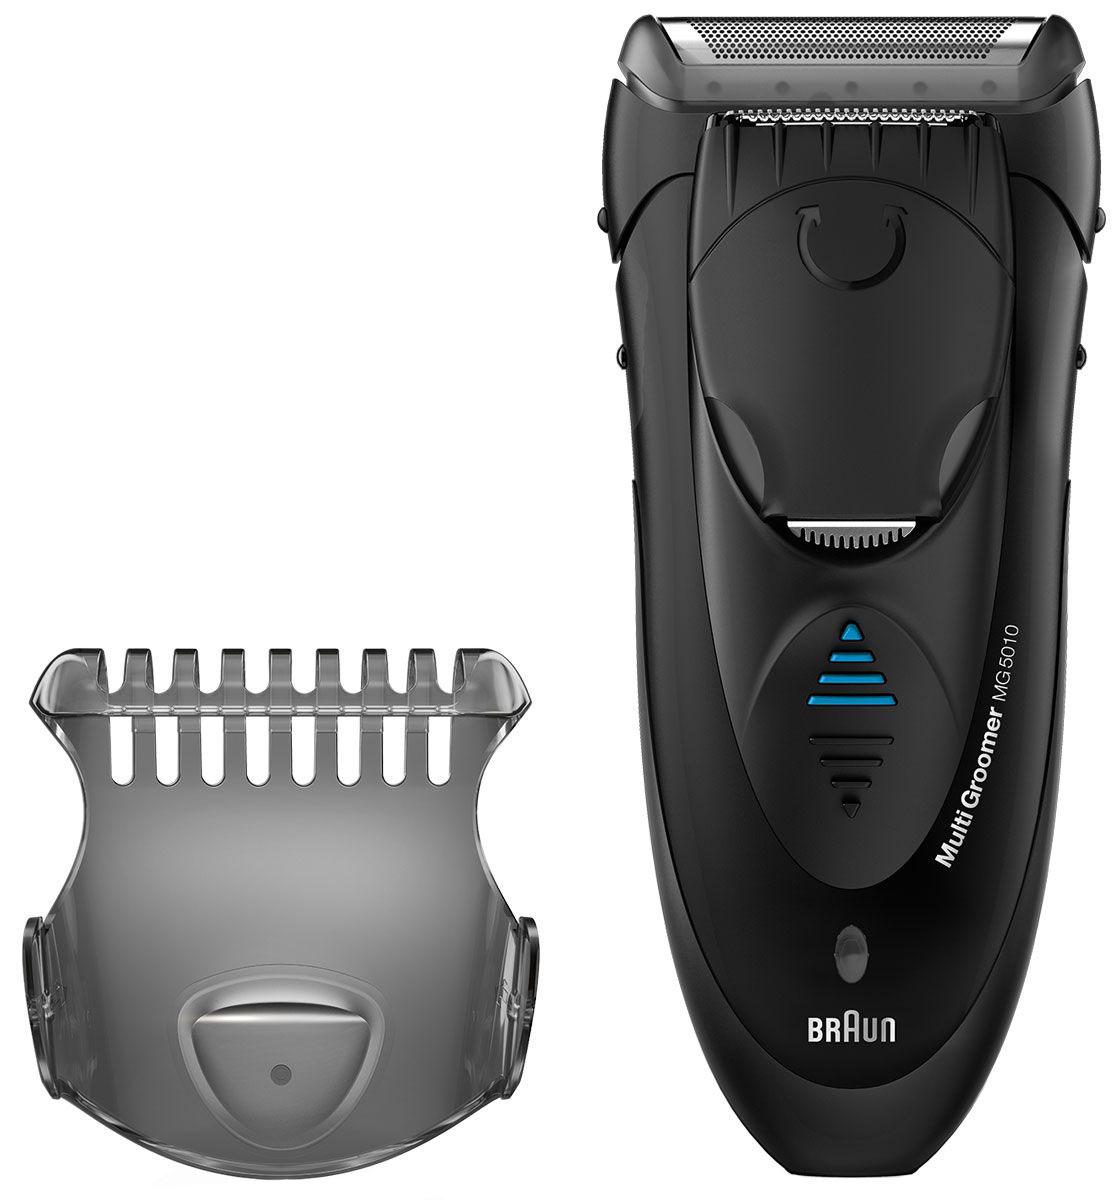 Braun MG 5010 Wet & Dry электробритва81519177Триммер Braun MG 5010 – это удобный инструмент, который поможет вам создать собственный неповторимый стиль и подчеркнет вашу индивидуальность. Он прост и понятен в эксплуатации, с ним легко воплощать в жизнь разные образы: вы можете добиться идеально гладкой кожи или придать форму бородке. В комплекте к триммеру вы найдете специальный гребень – насадку для создания эффекта трехдневной щетины. Широкая бреющая головка с сеткой SmartFoil гарантирует, что процесс бритья будет быстрым и максимально эффективным.Двойной триммер:Если вы хотите поэкспериментировать и попробовать моделировать растительность на лице, стоит купить MG5010. Он имеет двойной триммер для моделирования, который выдвигается одним легким движением. Широкая сторона помогает быстро обрабатывать большие участки щетины, а более узкая идеально подходит для очерчивания точных контуров. Эргономичный корпус прибора комфортно лежит в руке во время работы, вы можете легко маневрировать триммером, чтобы добиться четких и выразительных линий.Быстрая зарядка:Данная модель имеет двойную батарею, которая гарантирует высокую производительность. Всего 1 час потребуется для того, чтобы полностью зарядить ваш триммер. После полной зарядки он может работать в течение 30 минут. Если вы спешите, а триммер полностью разряжен, зарядите его в течение 5 минут – этого будет достаточно для одного сеанса работы. О состоянии заряда батареи вам сообщит световой индикатор. Вы сможете пользоваться триммером в любой стране, так как он способен автоматически адаптироваться к напряжению сети. Цена Braun MG5010 соответствует его надежности и прекрасному качеству.